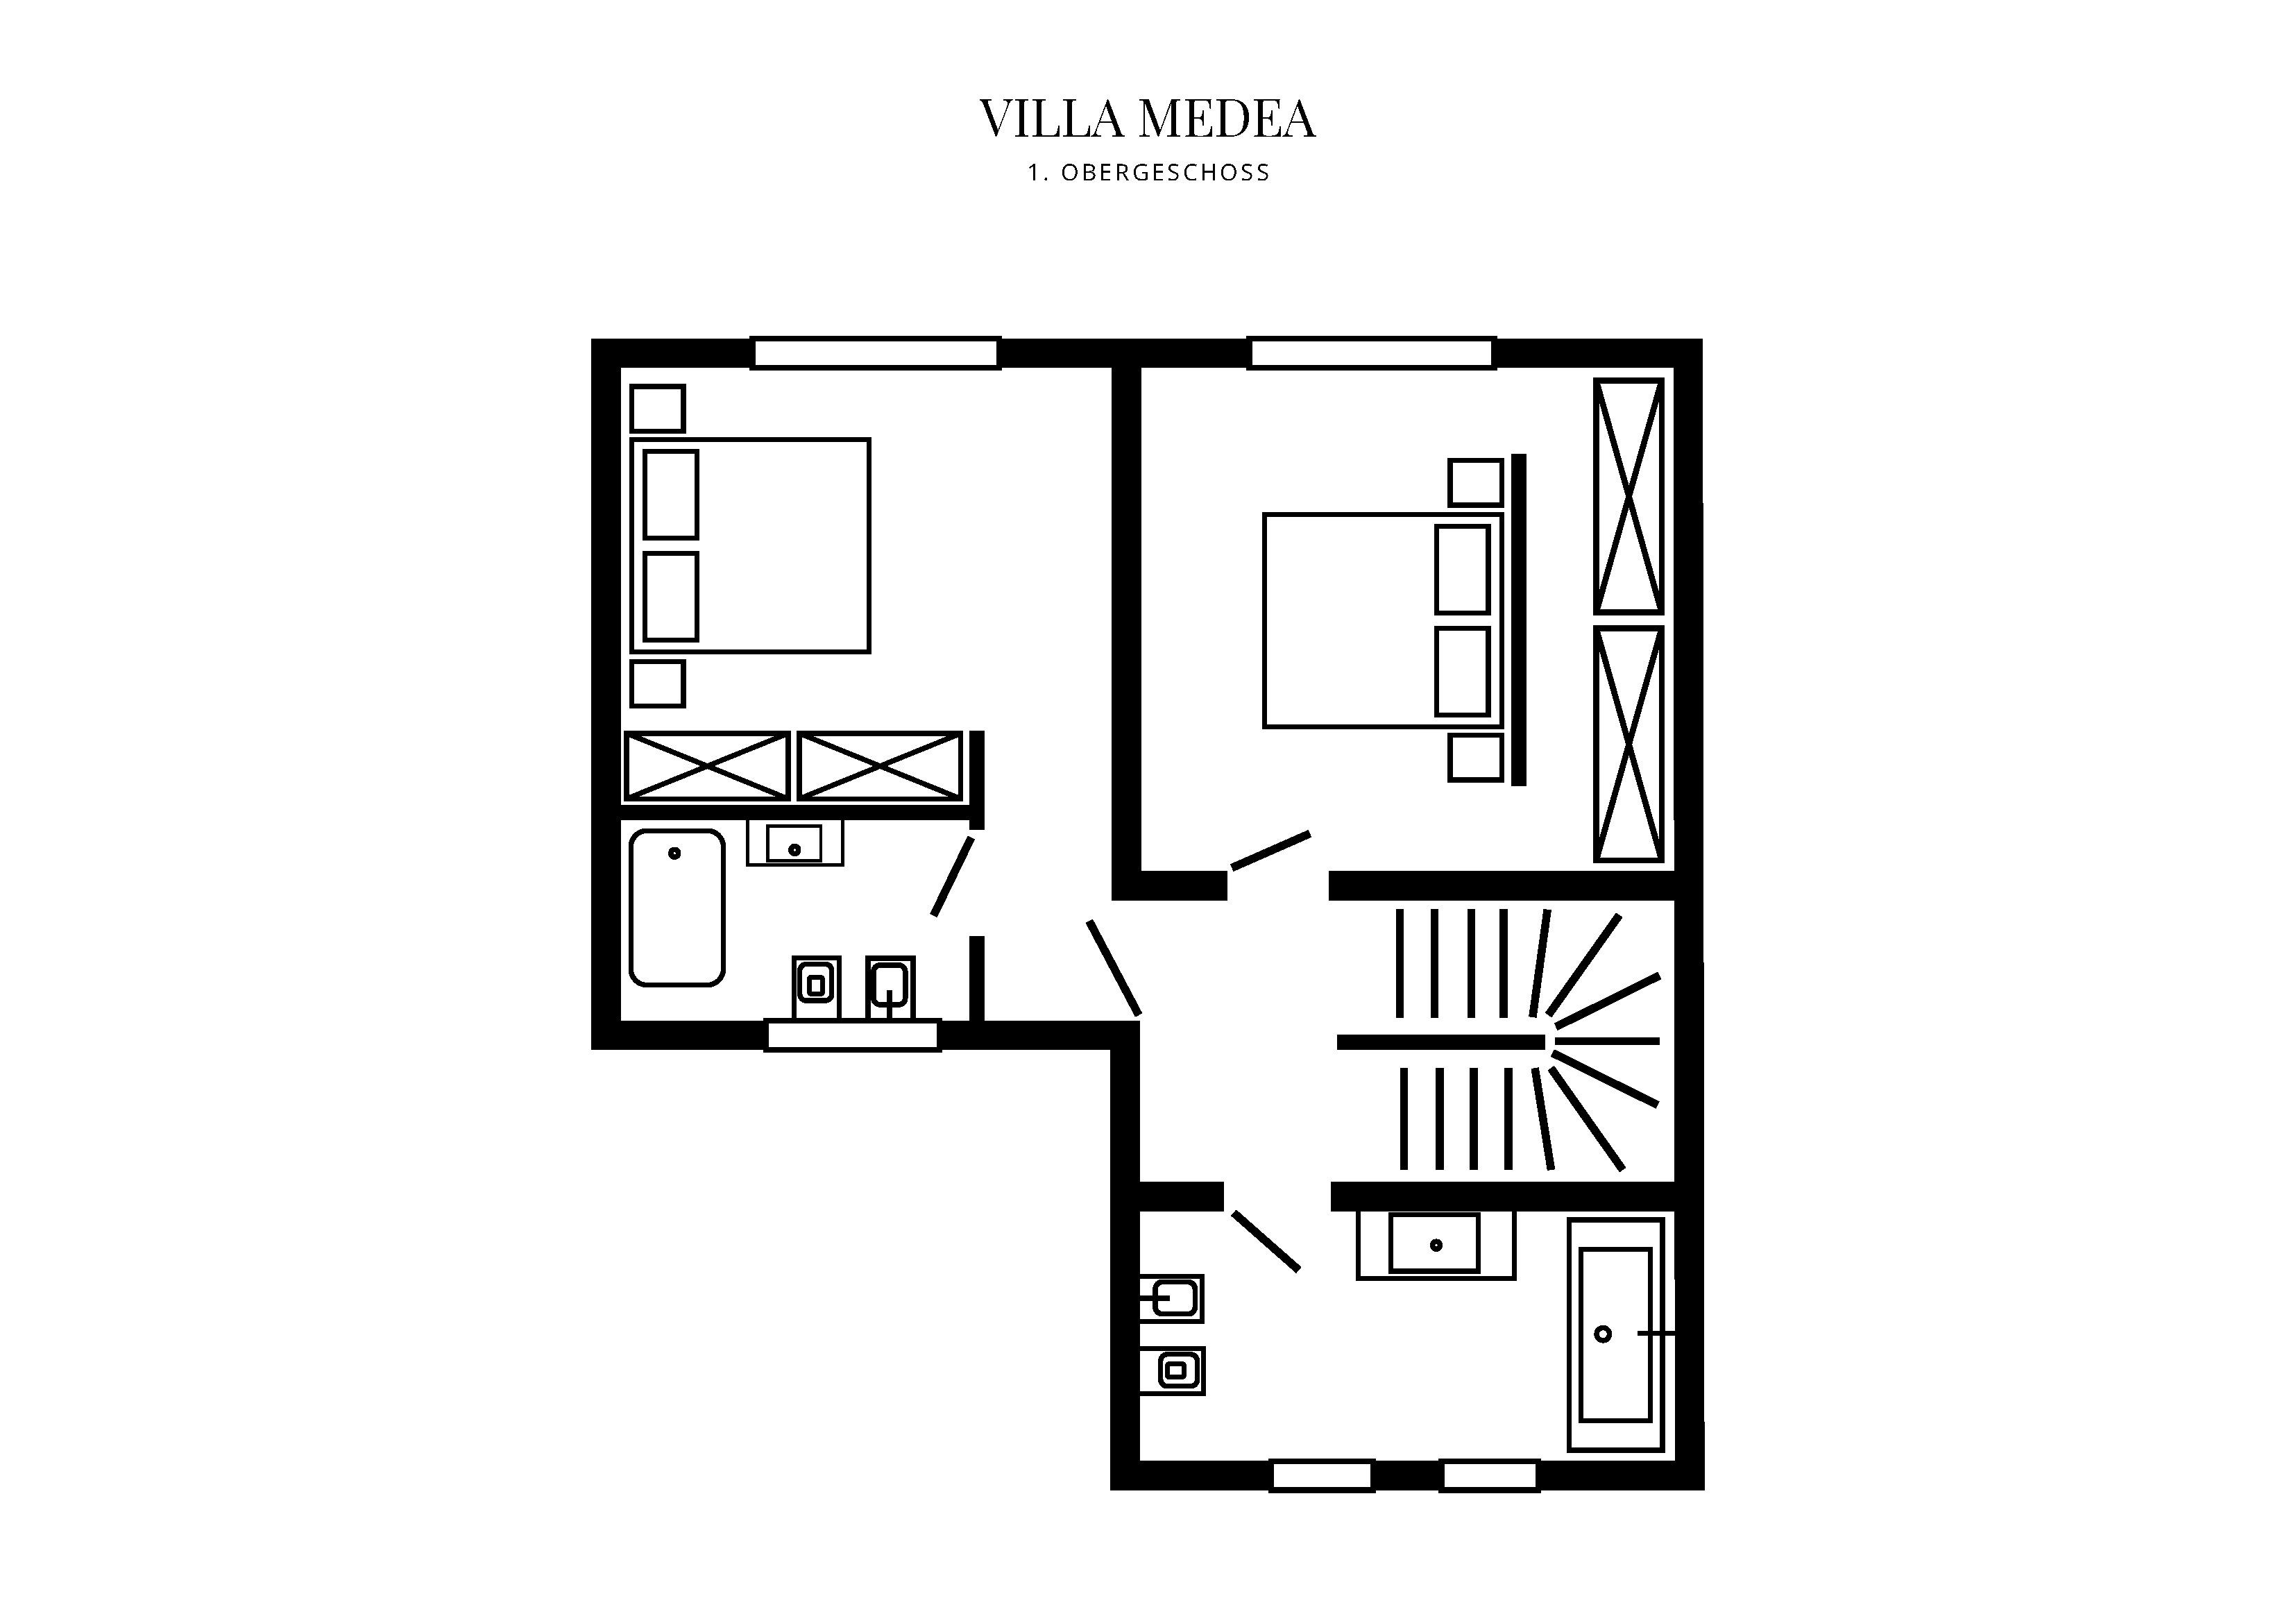 Grafik Grundriss Obergeschoss Villa Medea